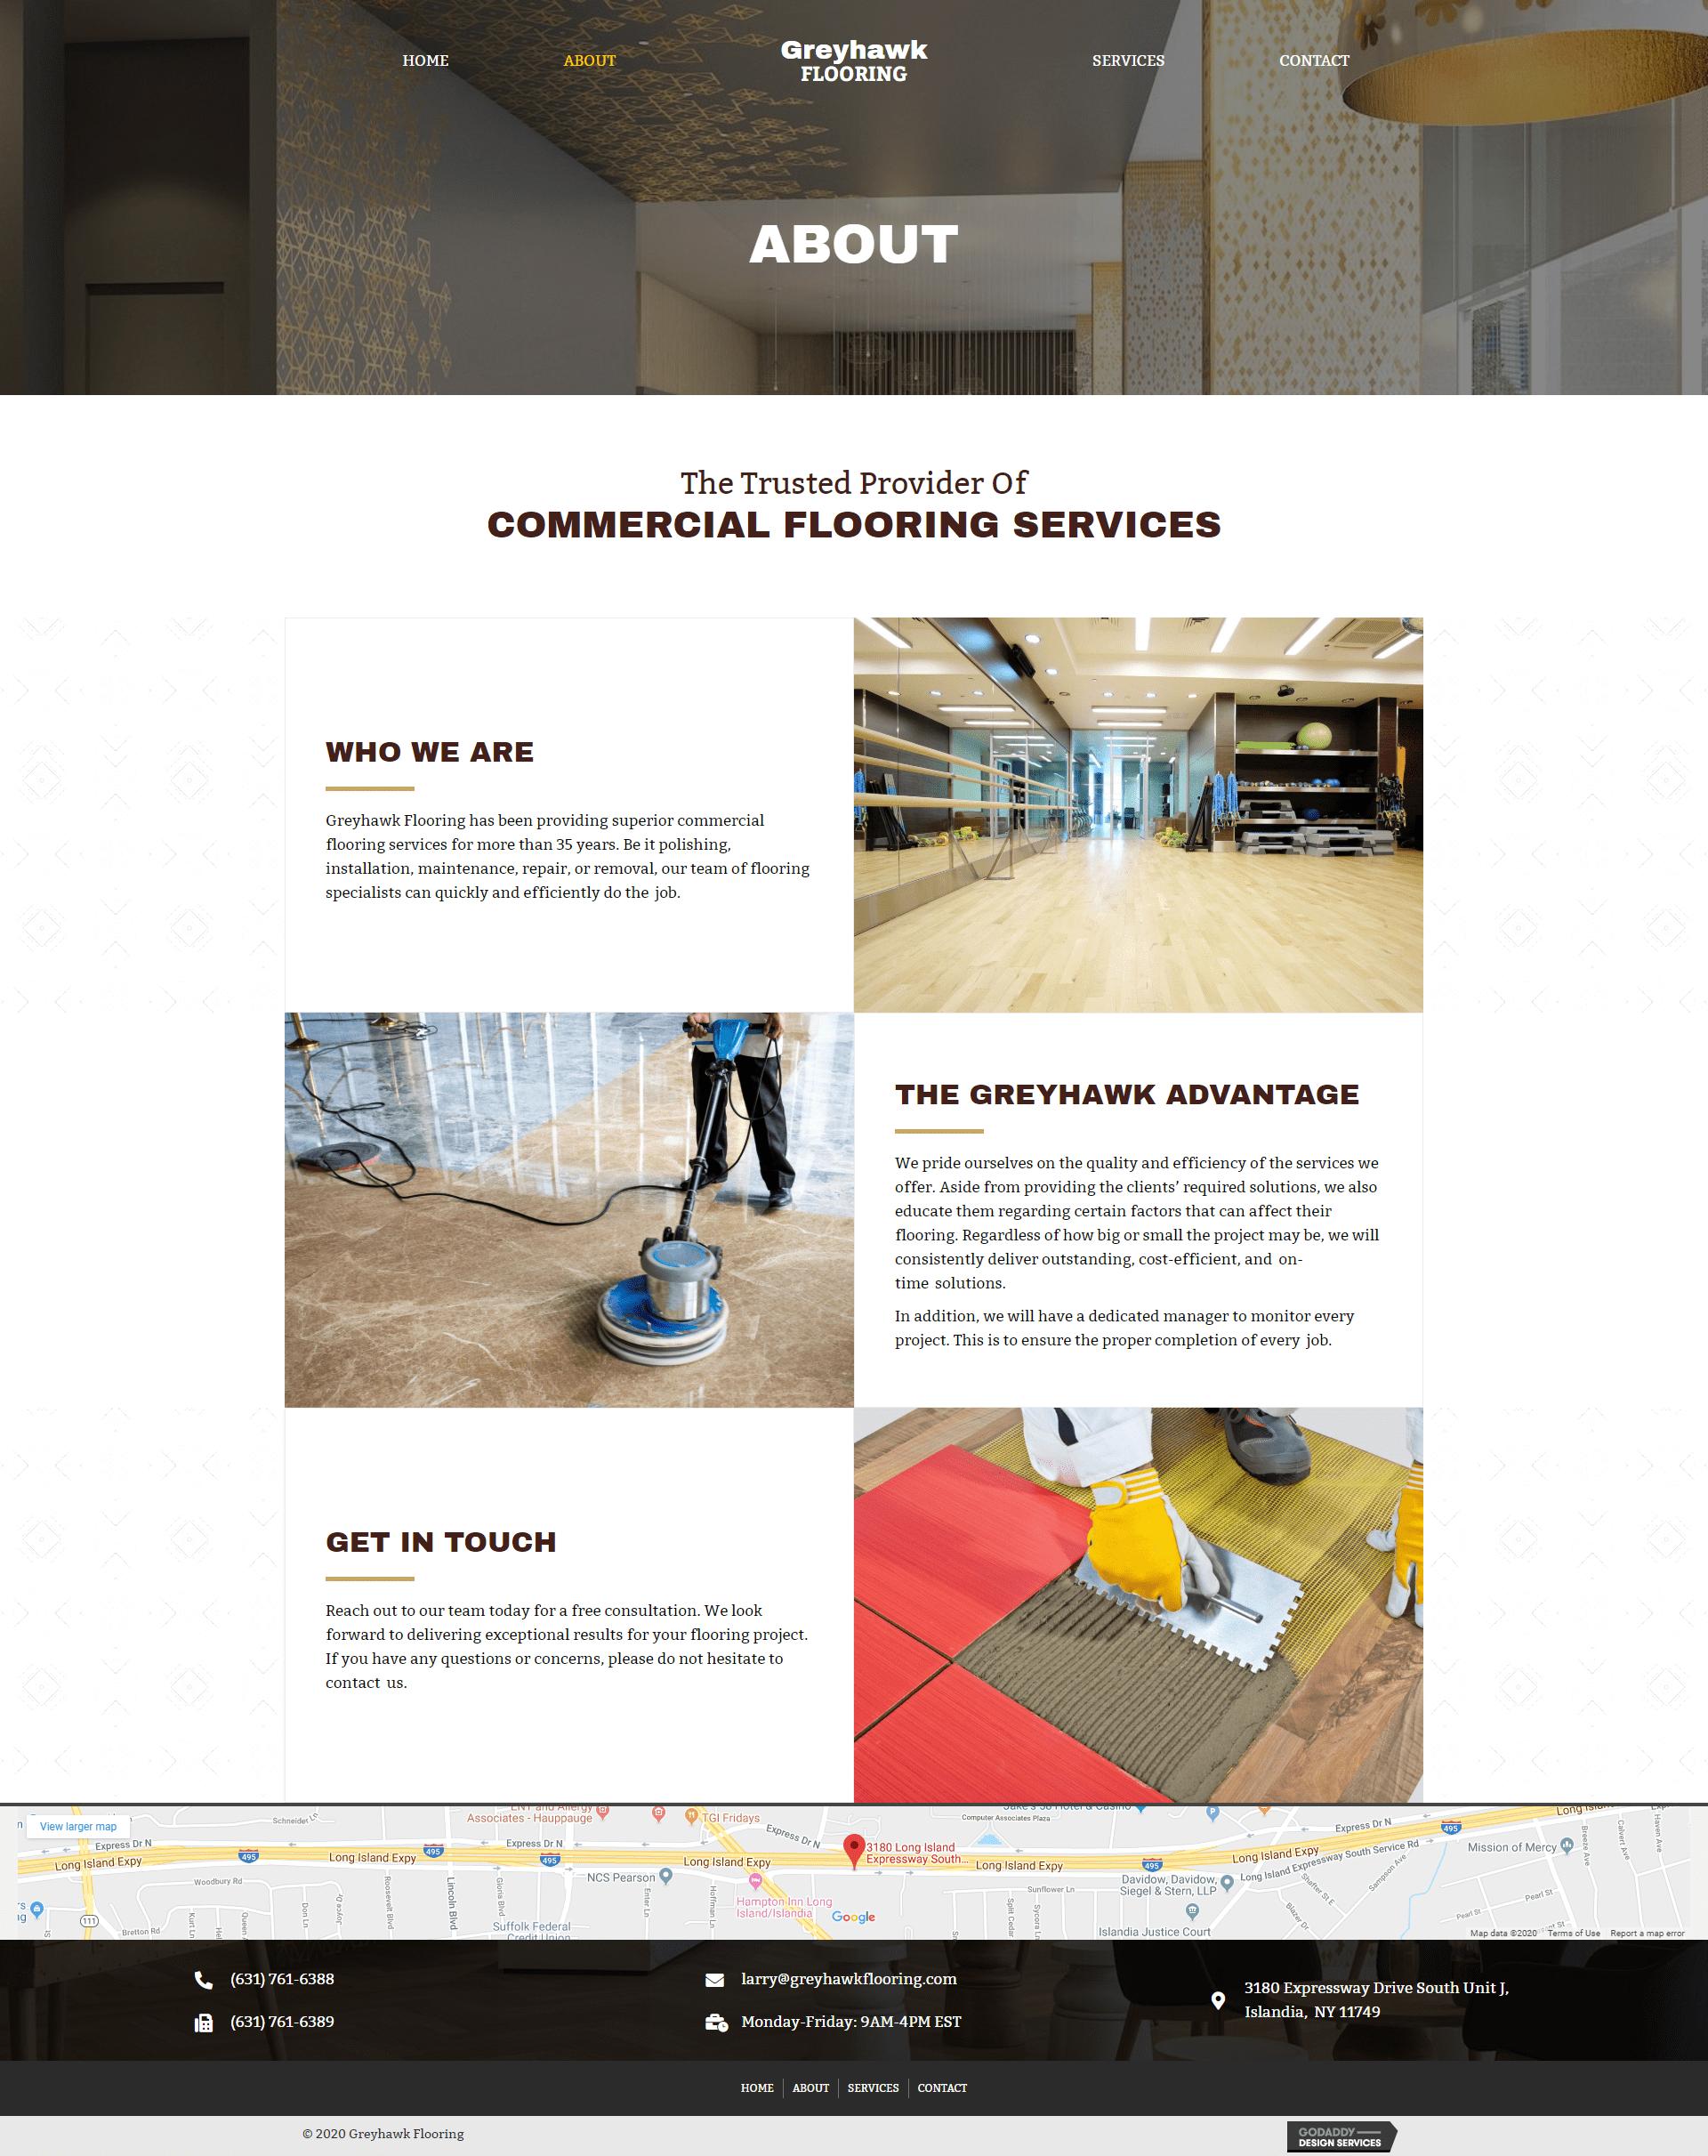 About - Greyhawk Flooring